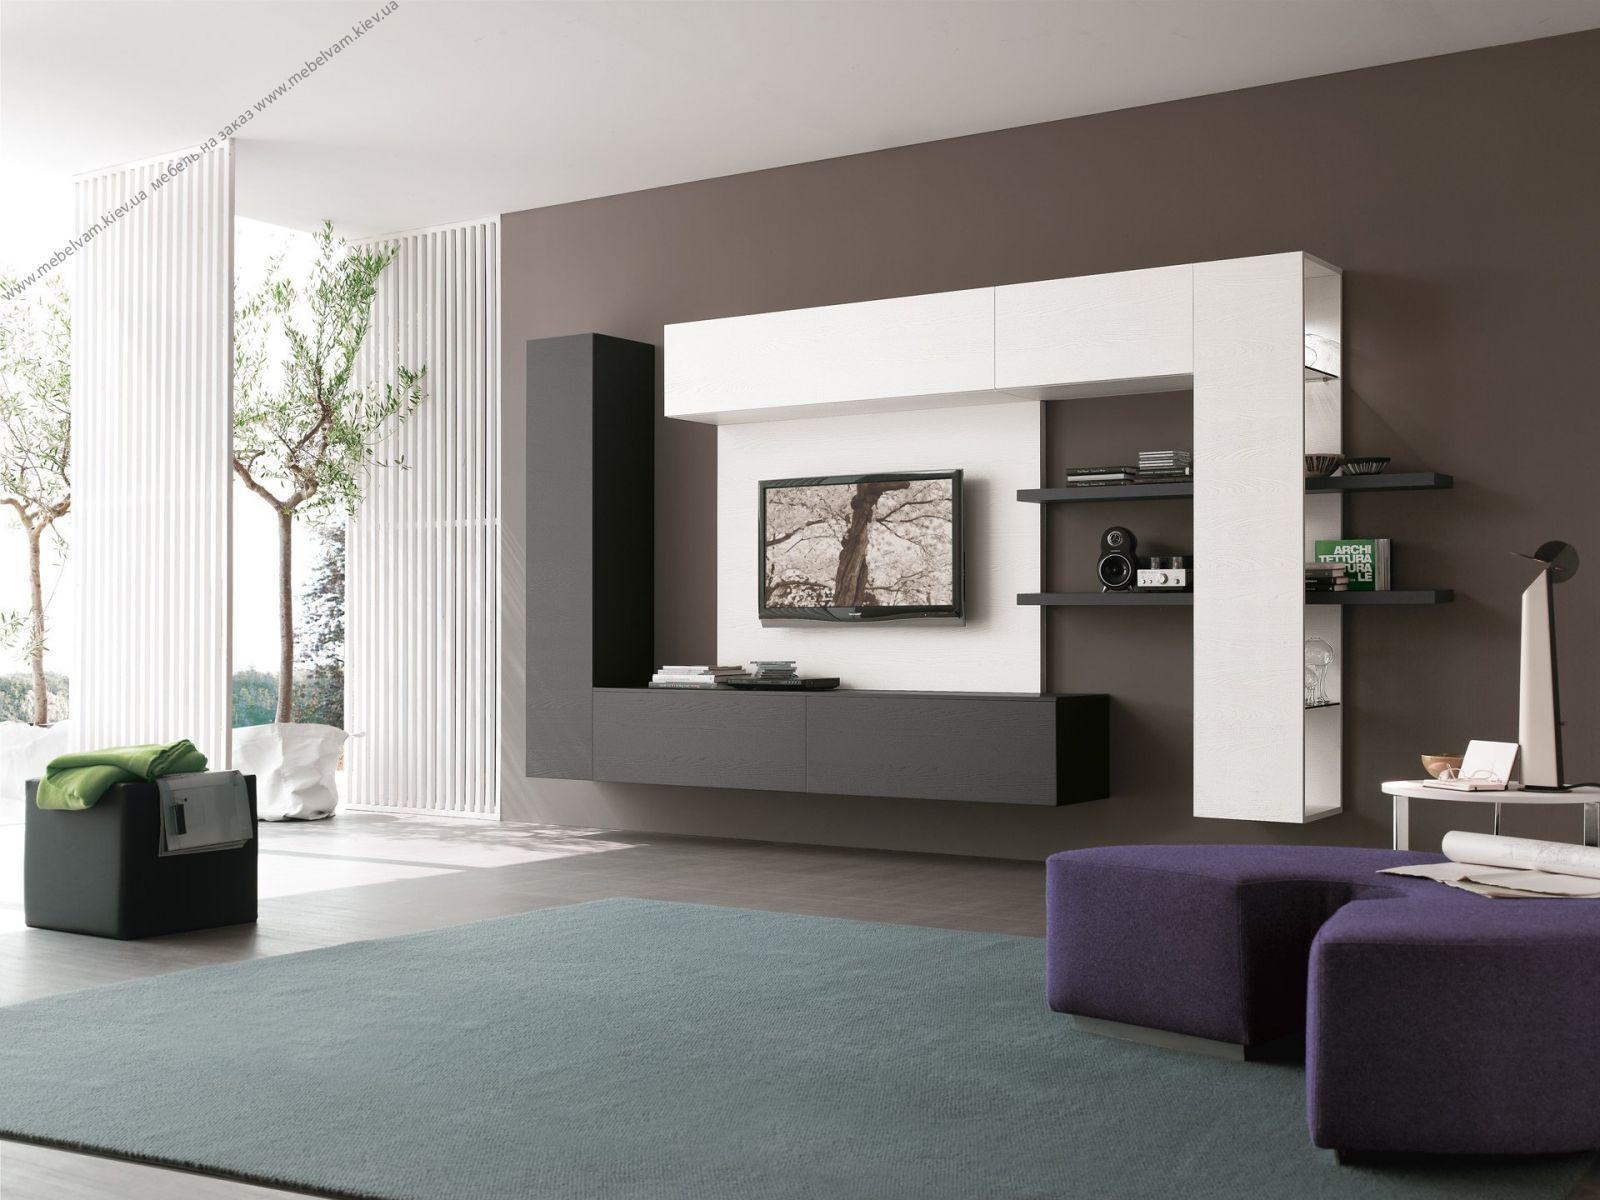 Оригинальная мебель черно-белого цвета